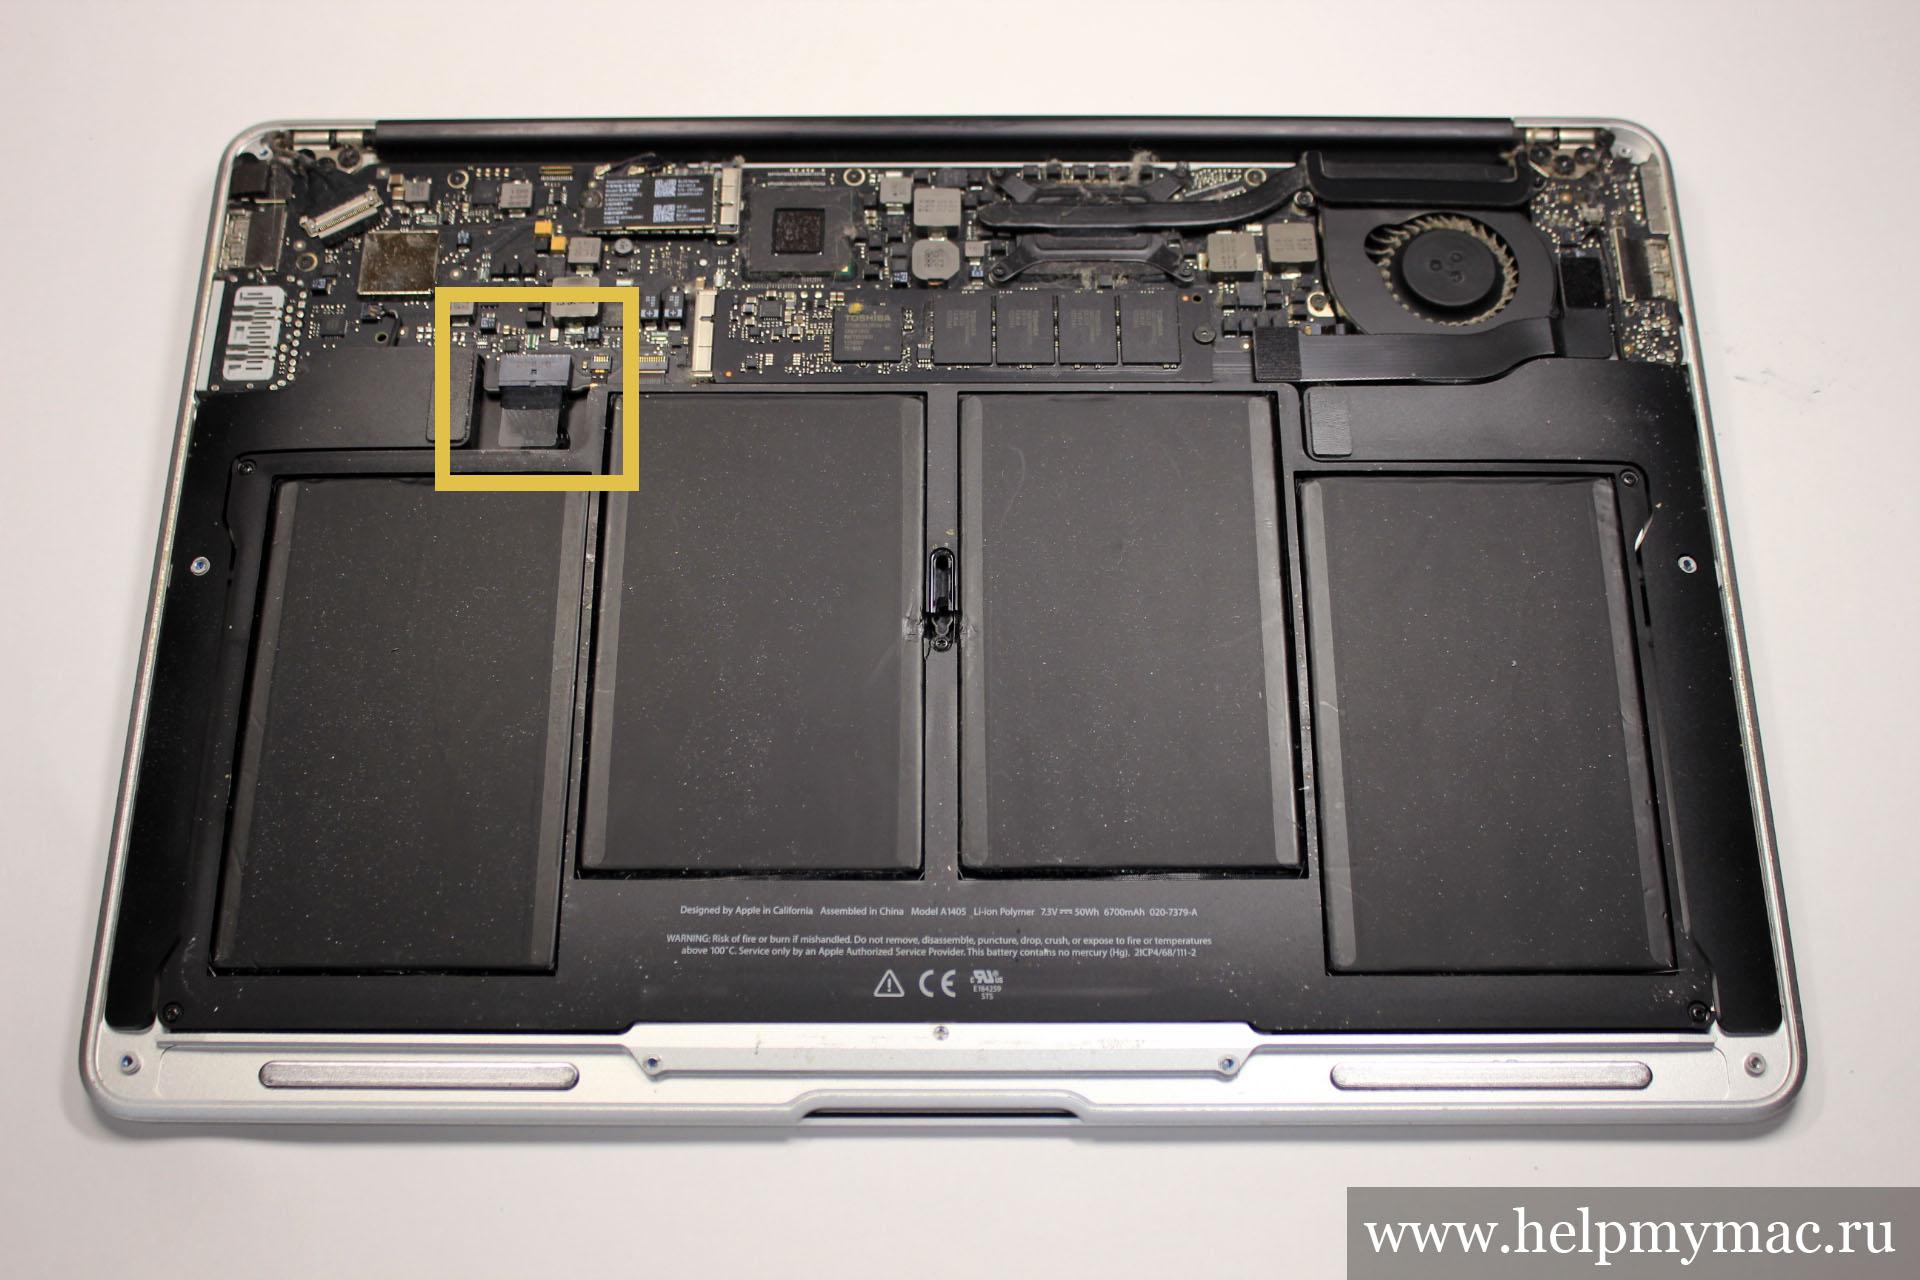 Отключаем аккумуляторную батарею от материнской платы MacBook Air